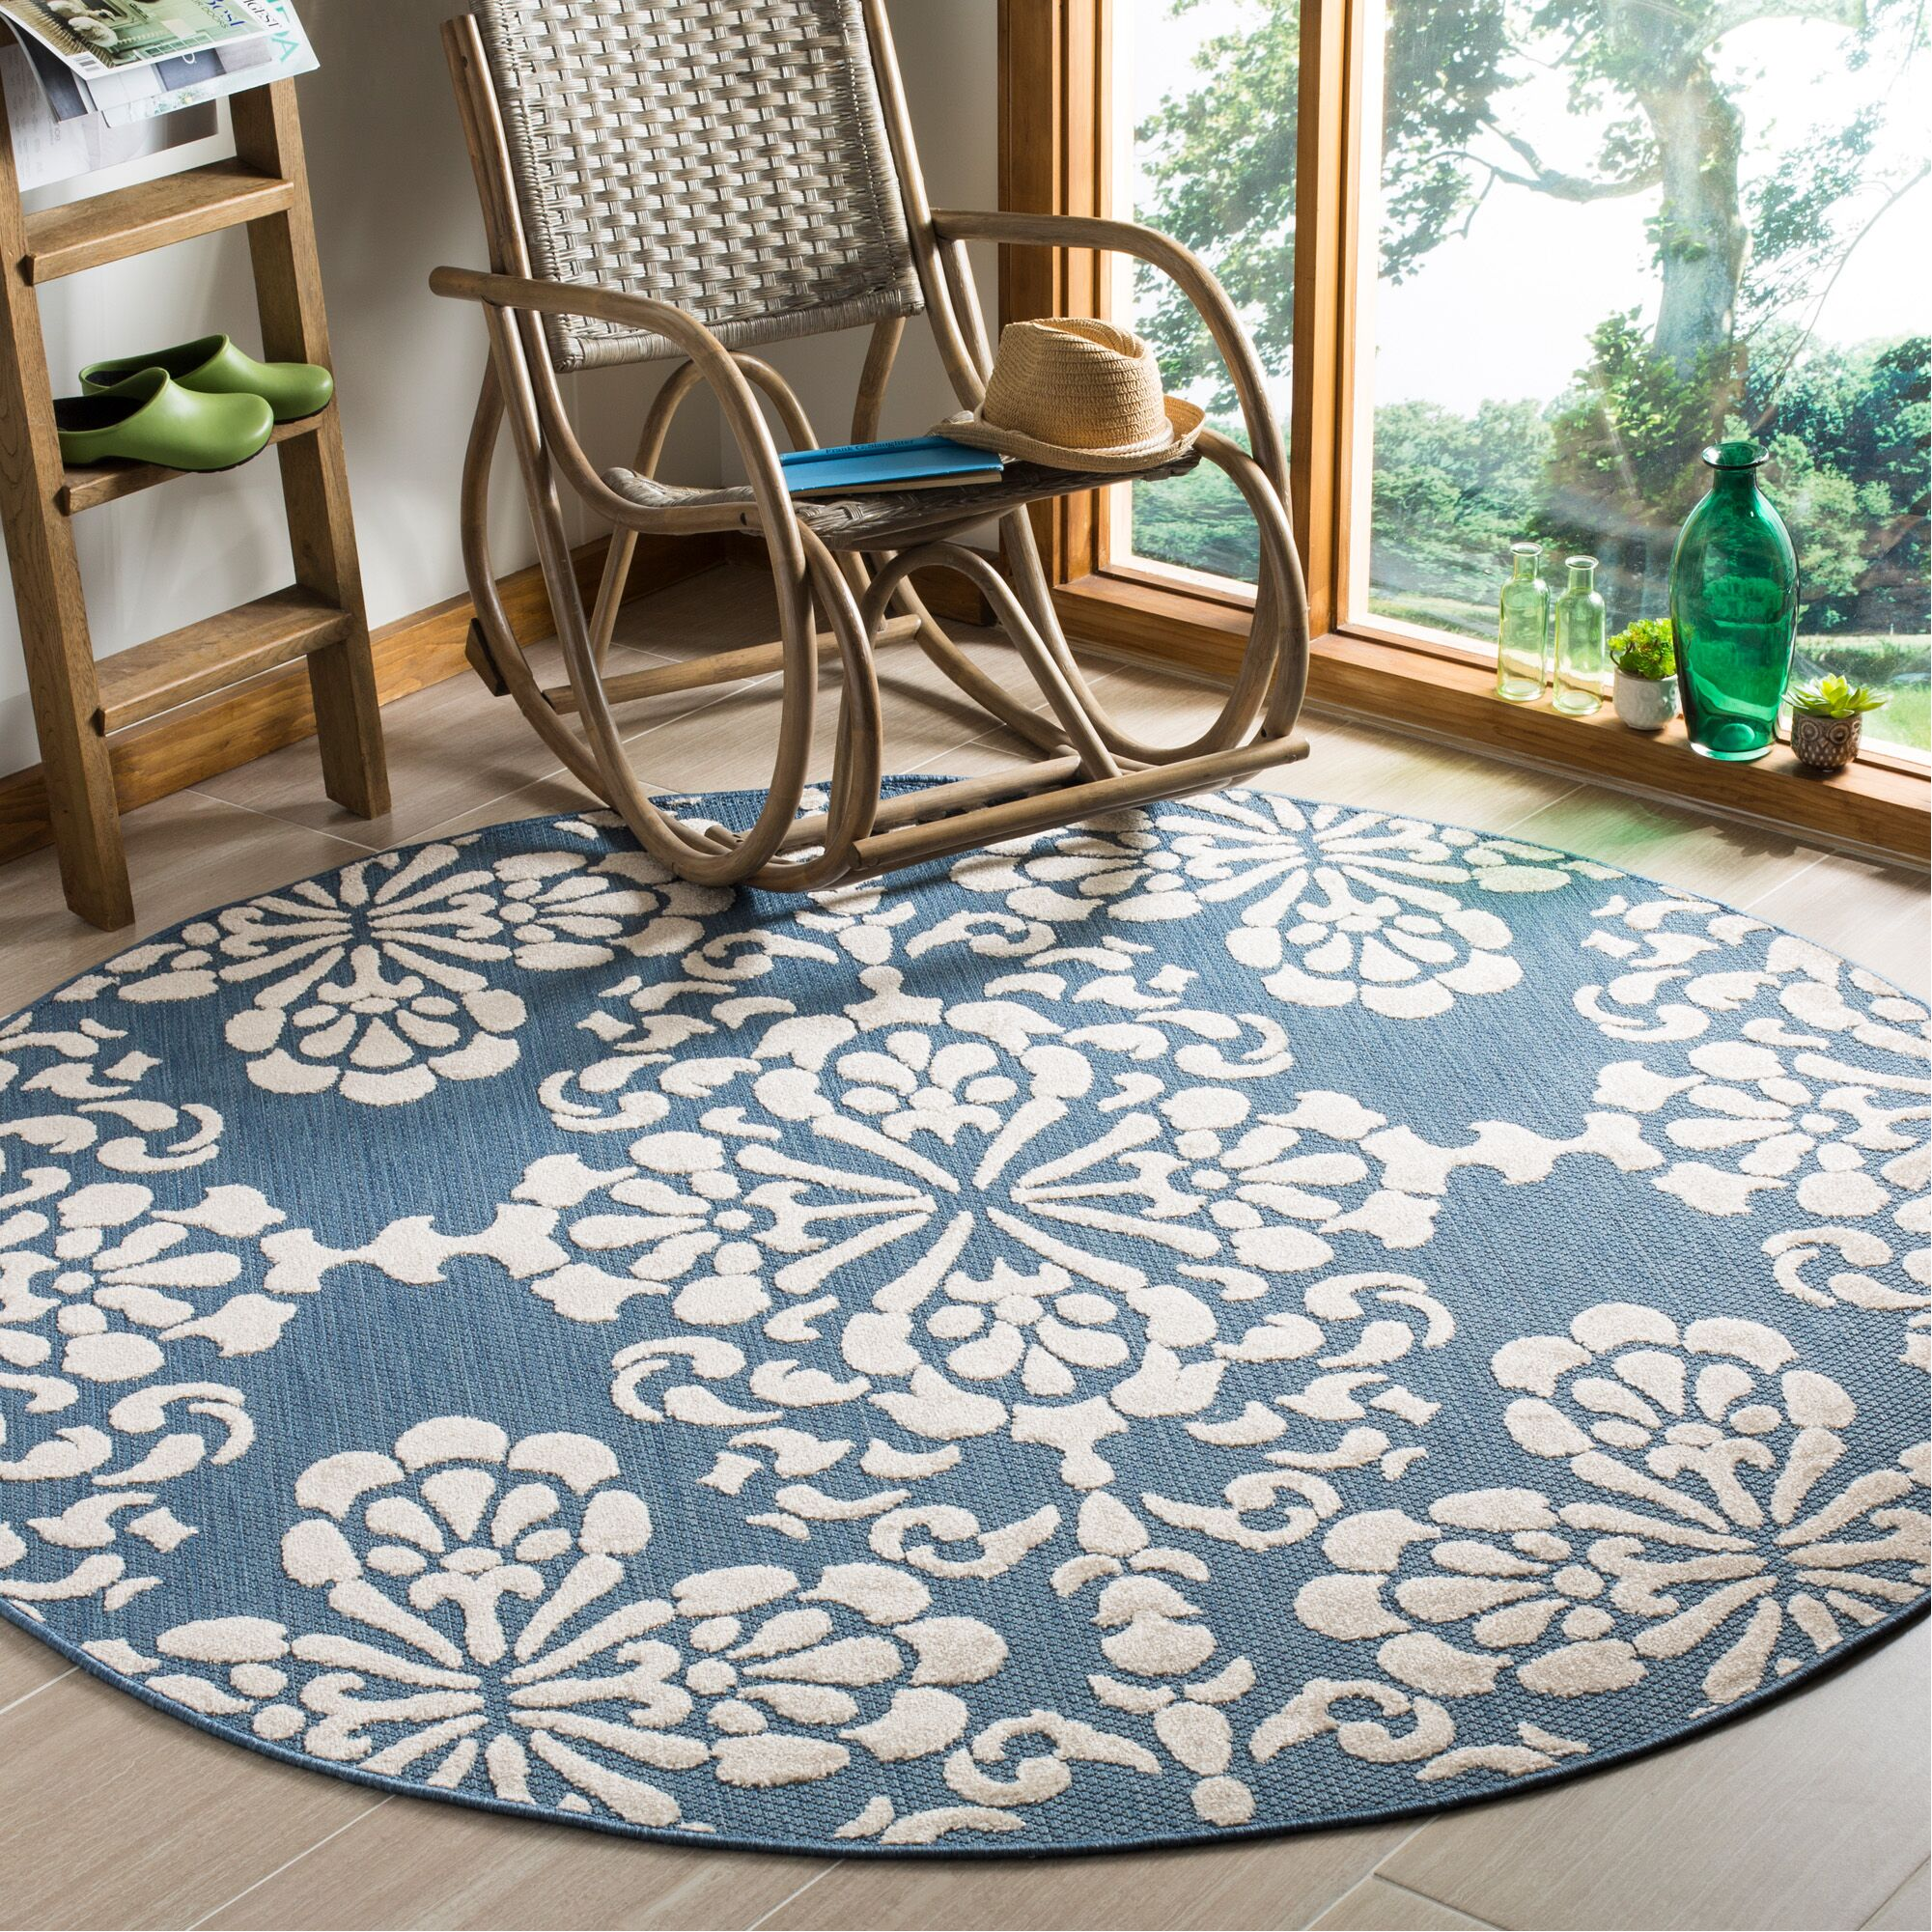 Pelfrey Light Blue/Beige Indoor/Outdoor Area Rug Rug Size: Round 6'7